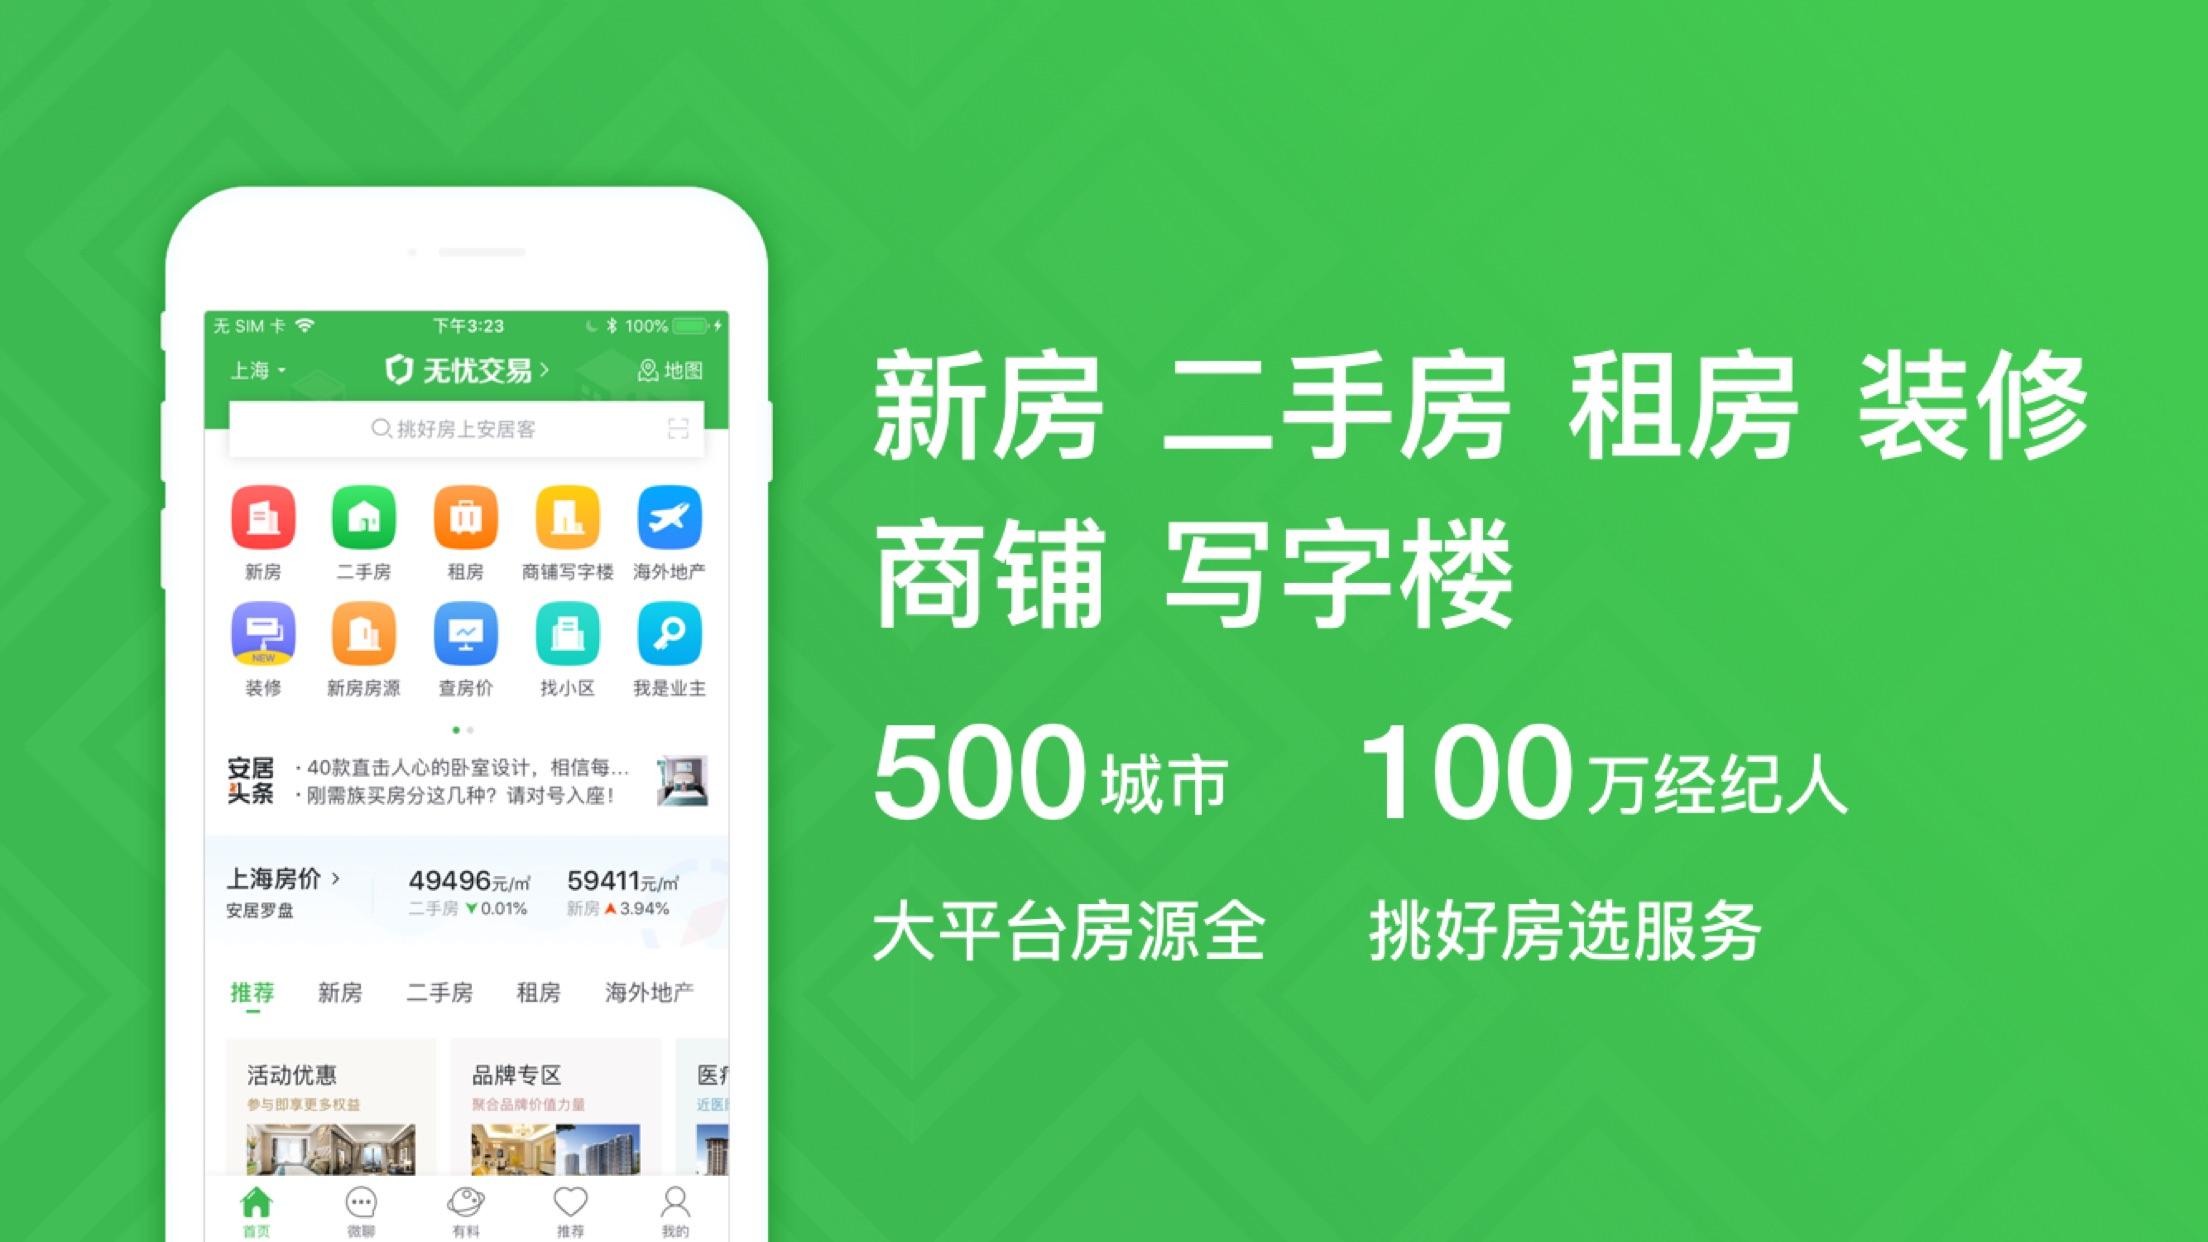 安居客-买卖二手房新房,租房的专业平台 Screenshot